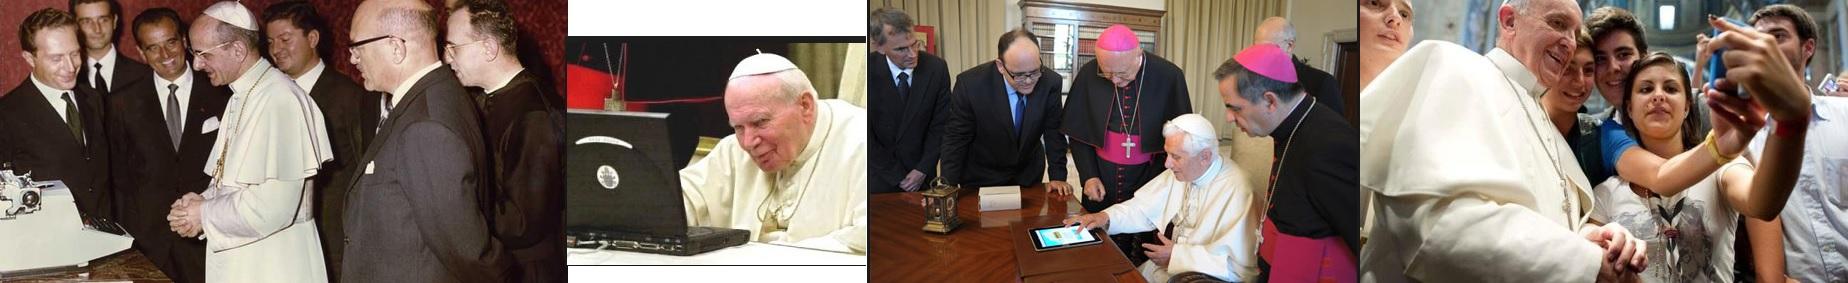 Papas têm recomendado o uso das novas tecnologias aos Leigos. Estes resistem.